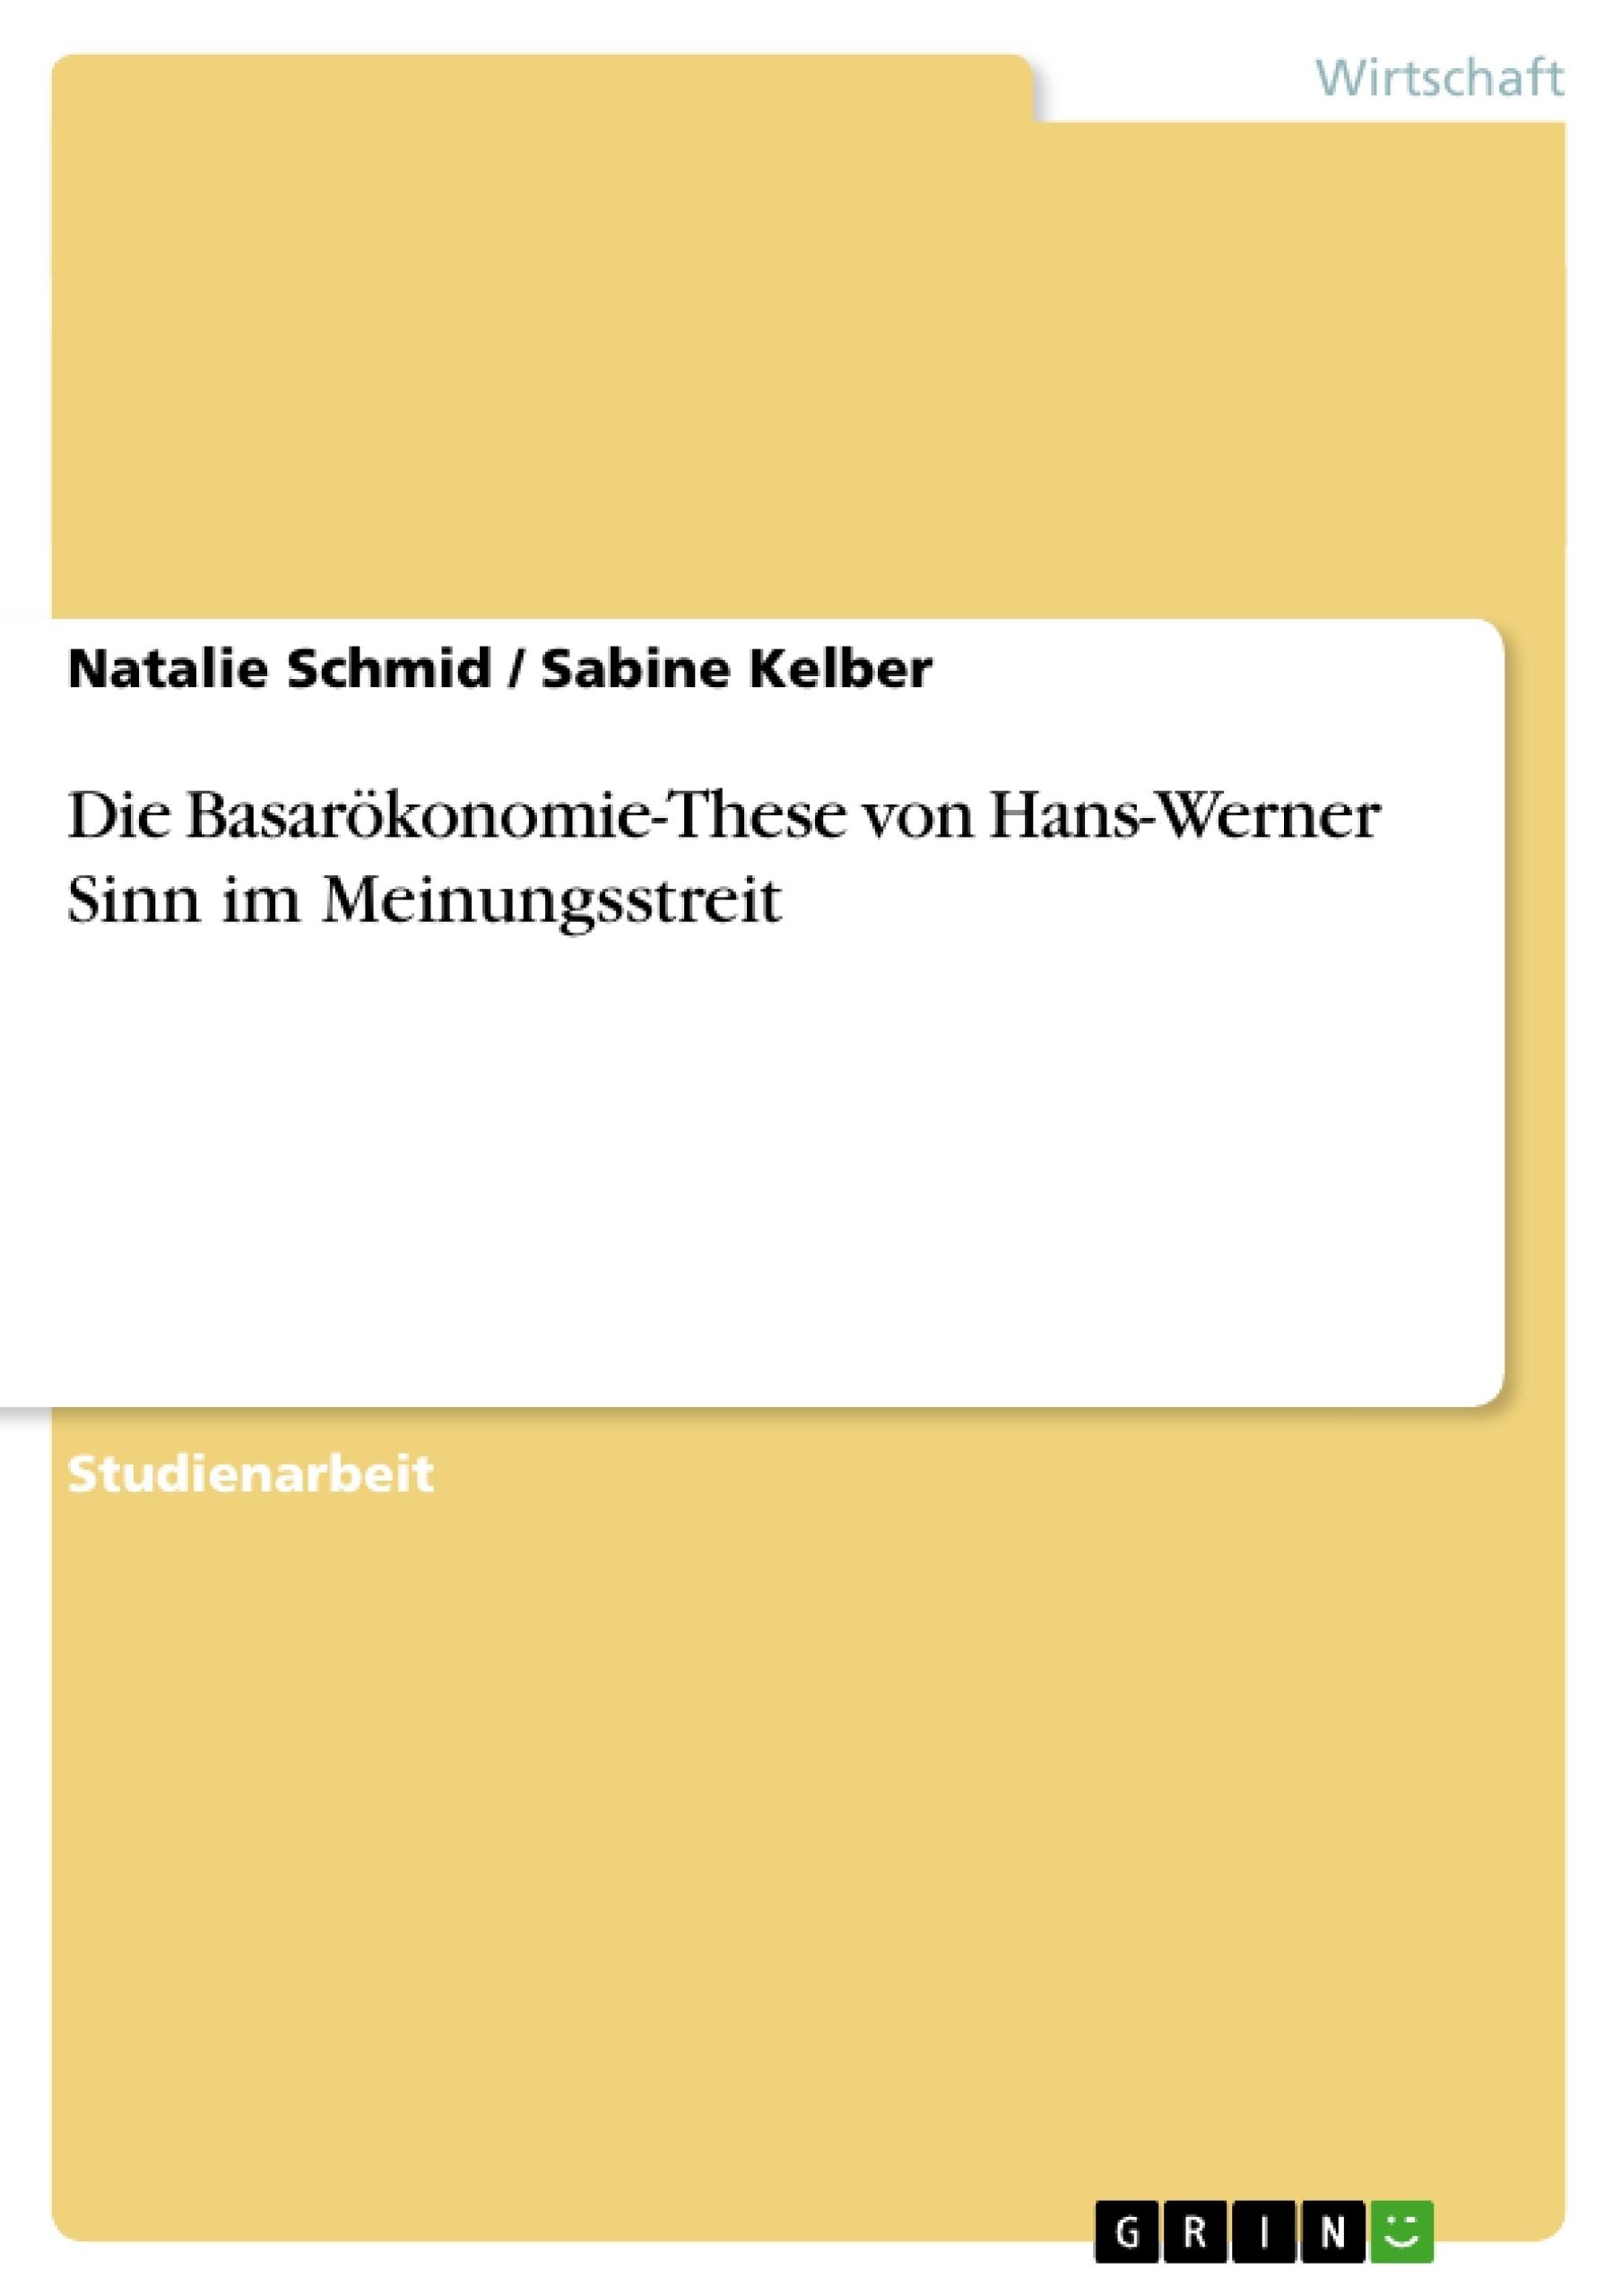 Titel: Die Basarökonomie-These von Hans-Werner Sinn im Meinungsstreit